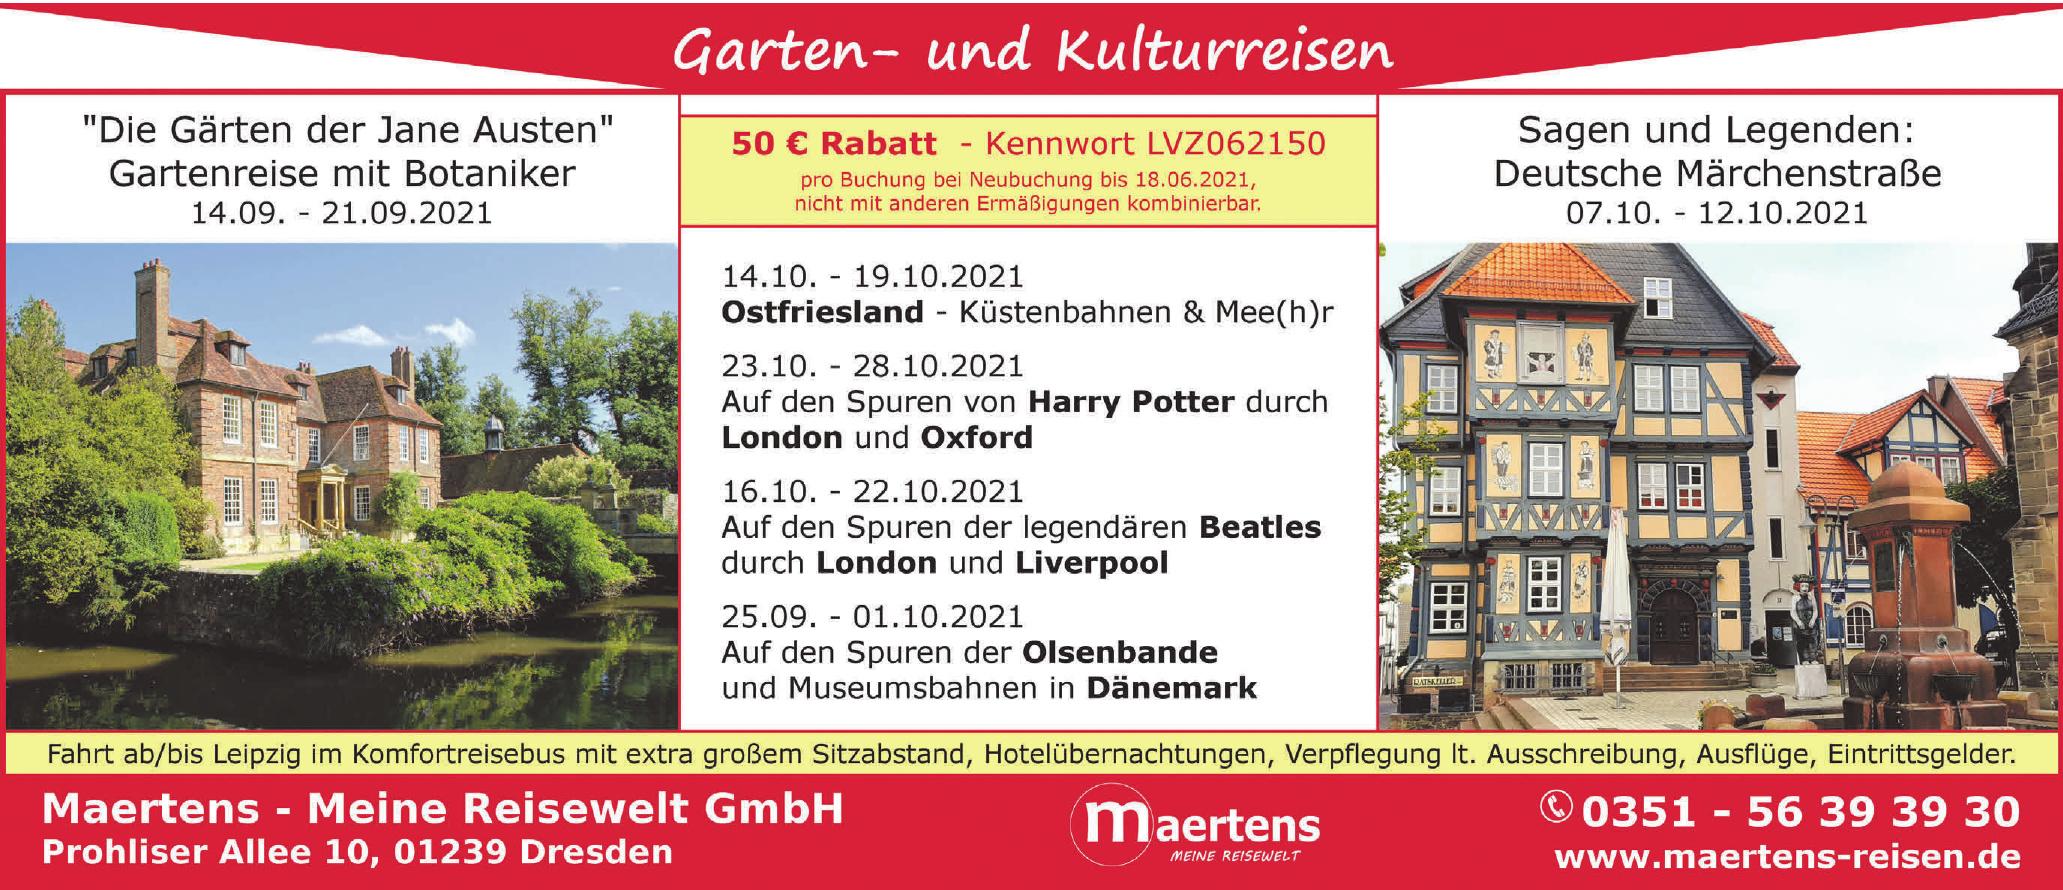 Maertens - Meine Reisewelt GmbH